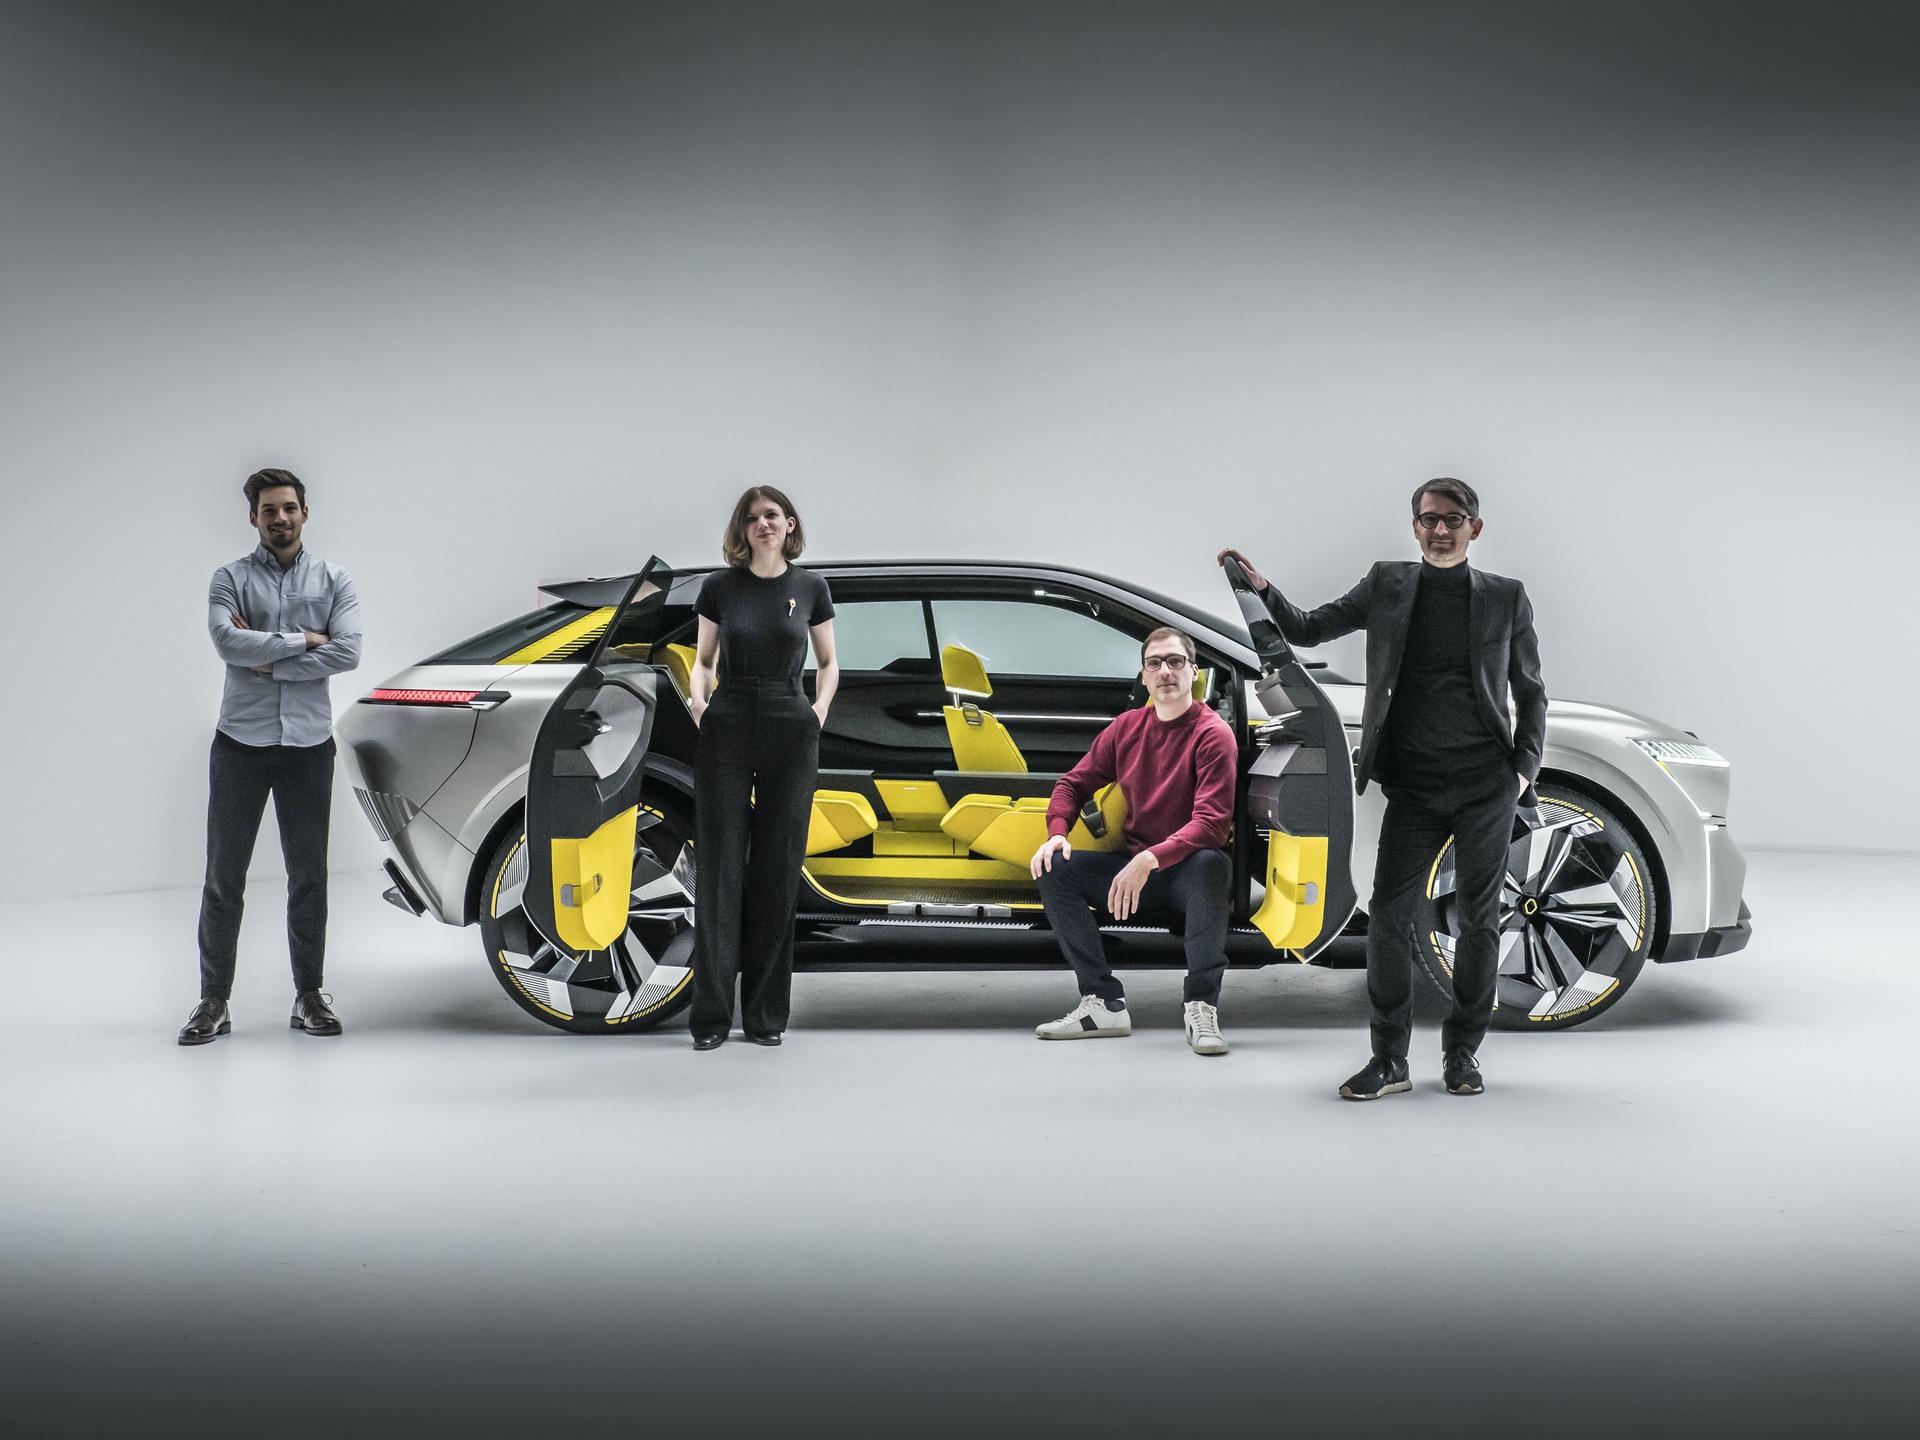 Renault_Morphoz_concept_0154